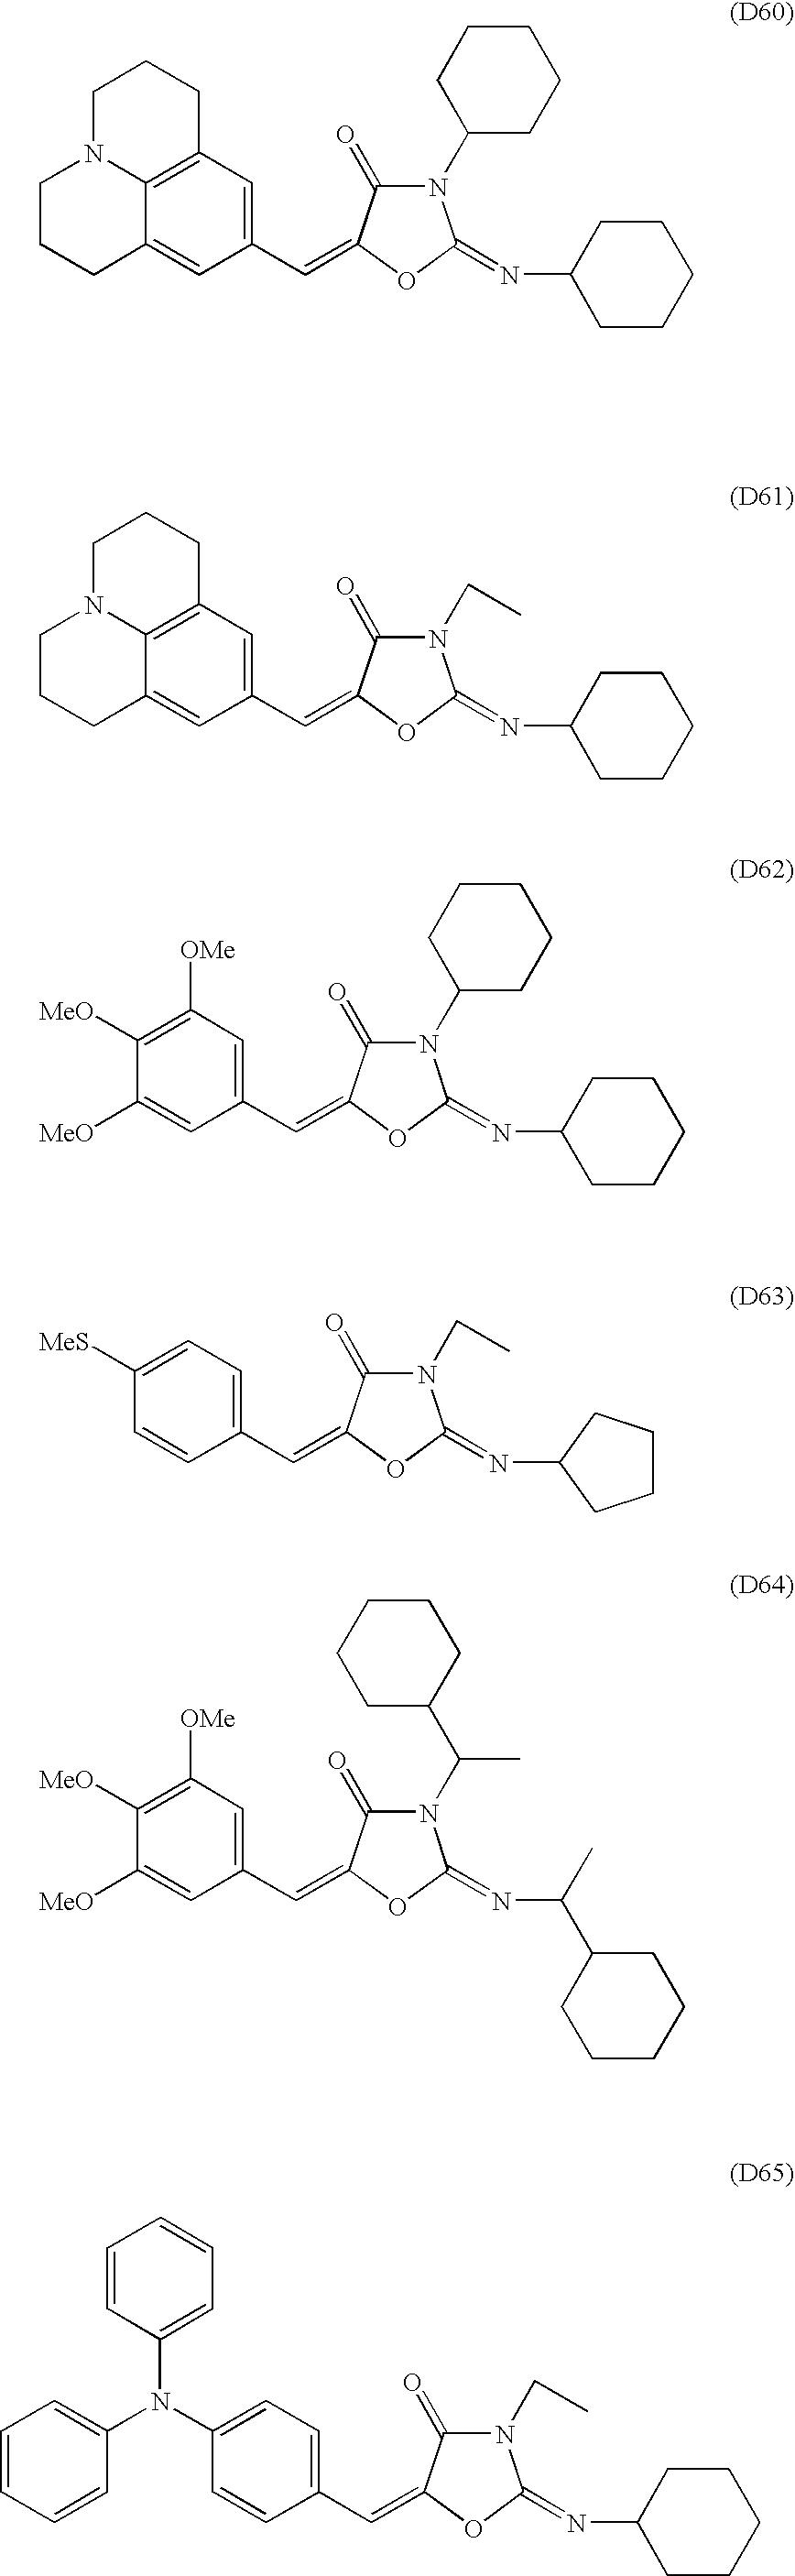 Figure US20070212641A1-20070913-C00016